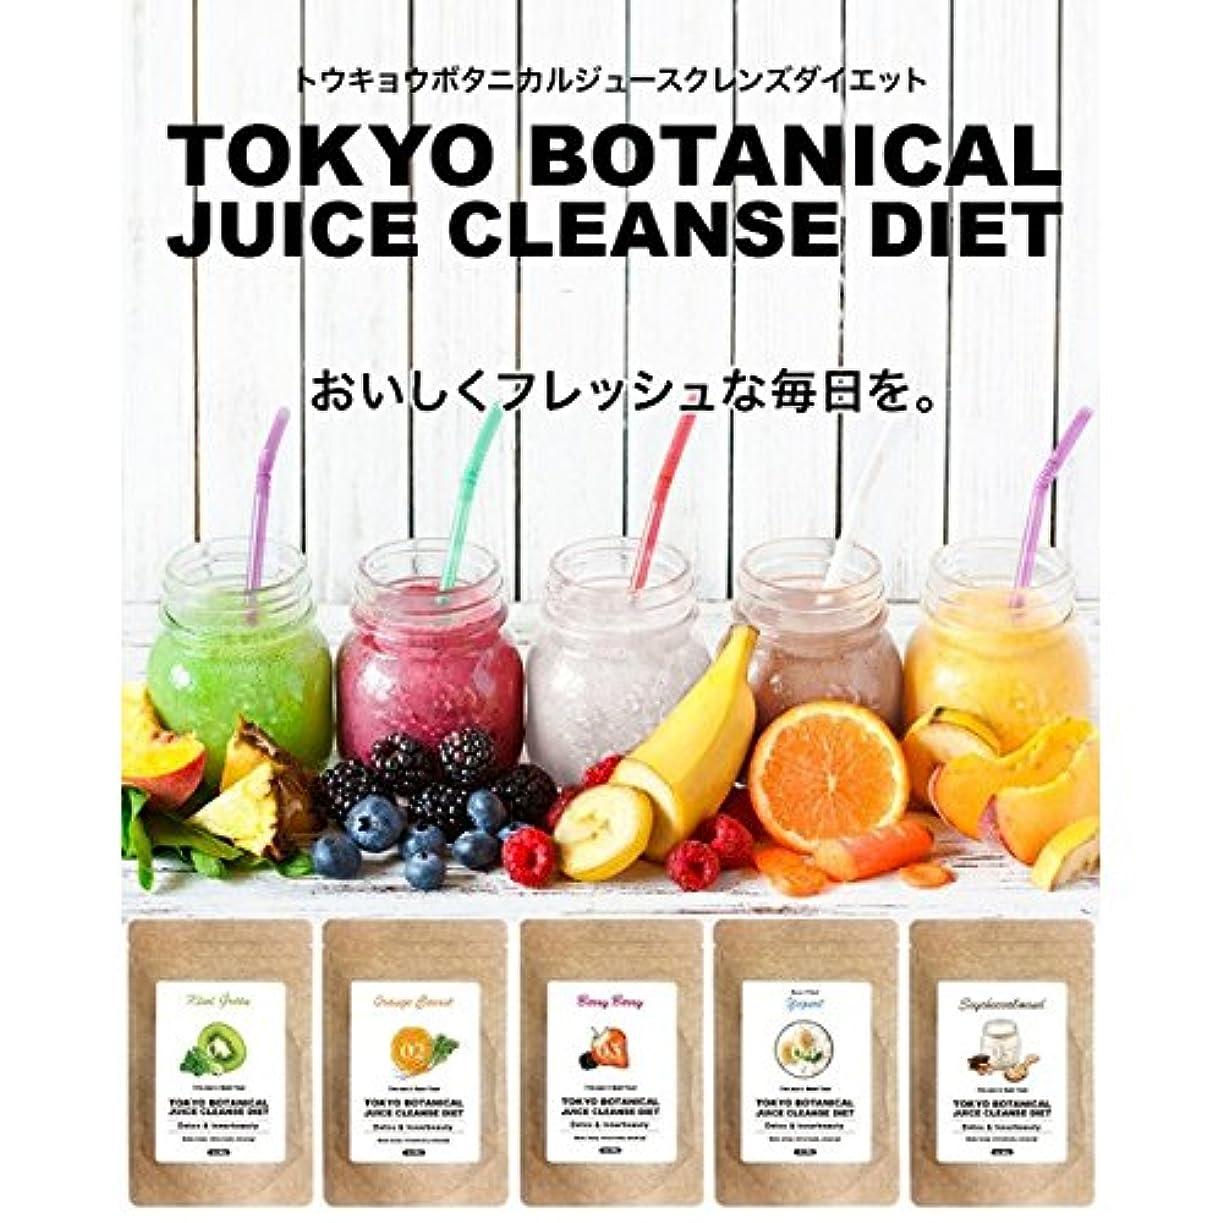 インド誓約乙女東京ボタニカルジュースクレンズダイエット  ヨーグルト&ソイチョコアーモンドセット